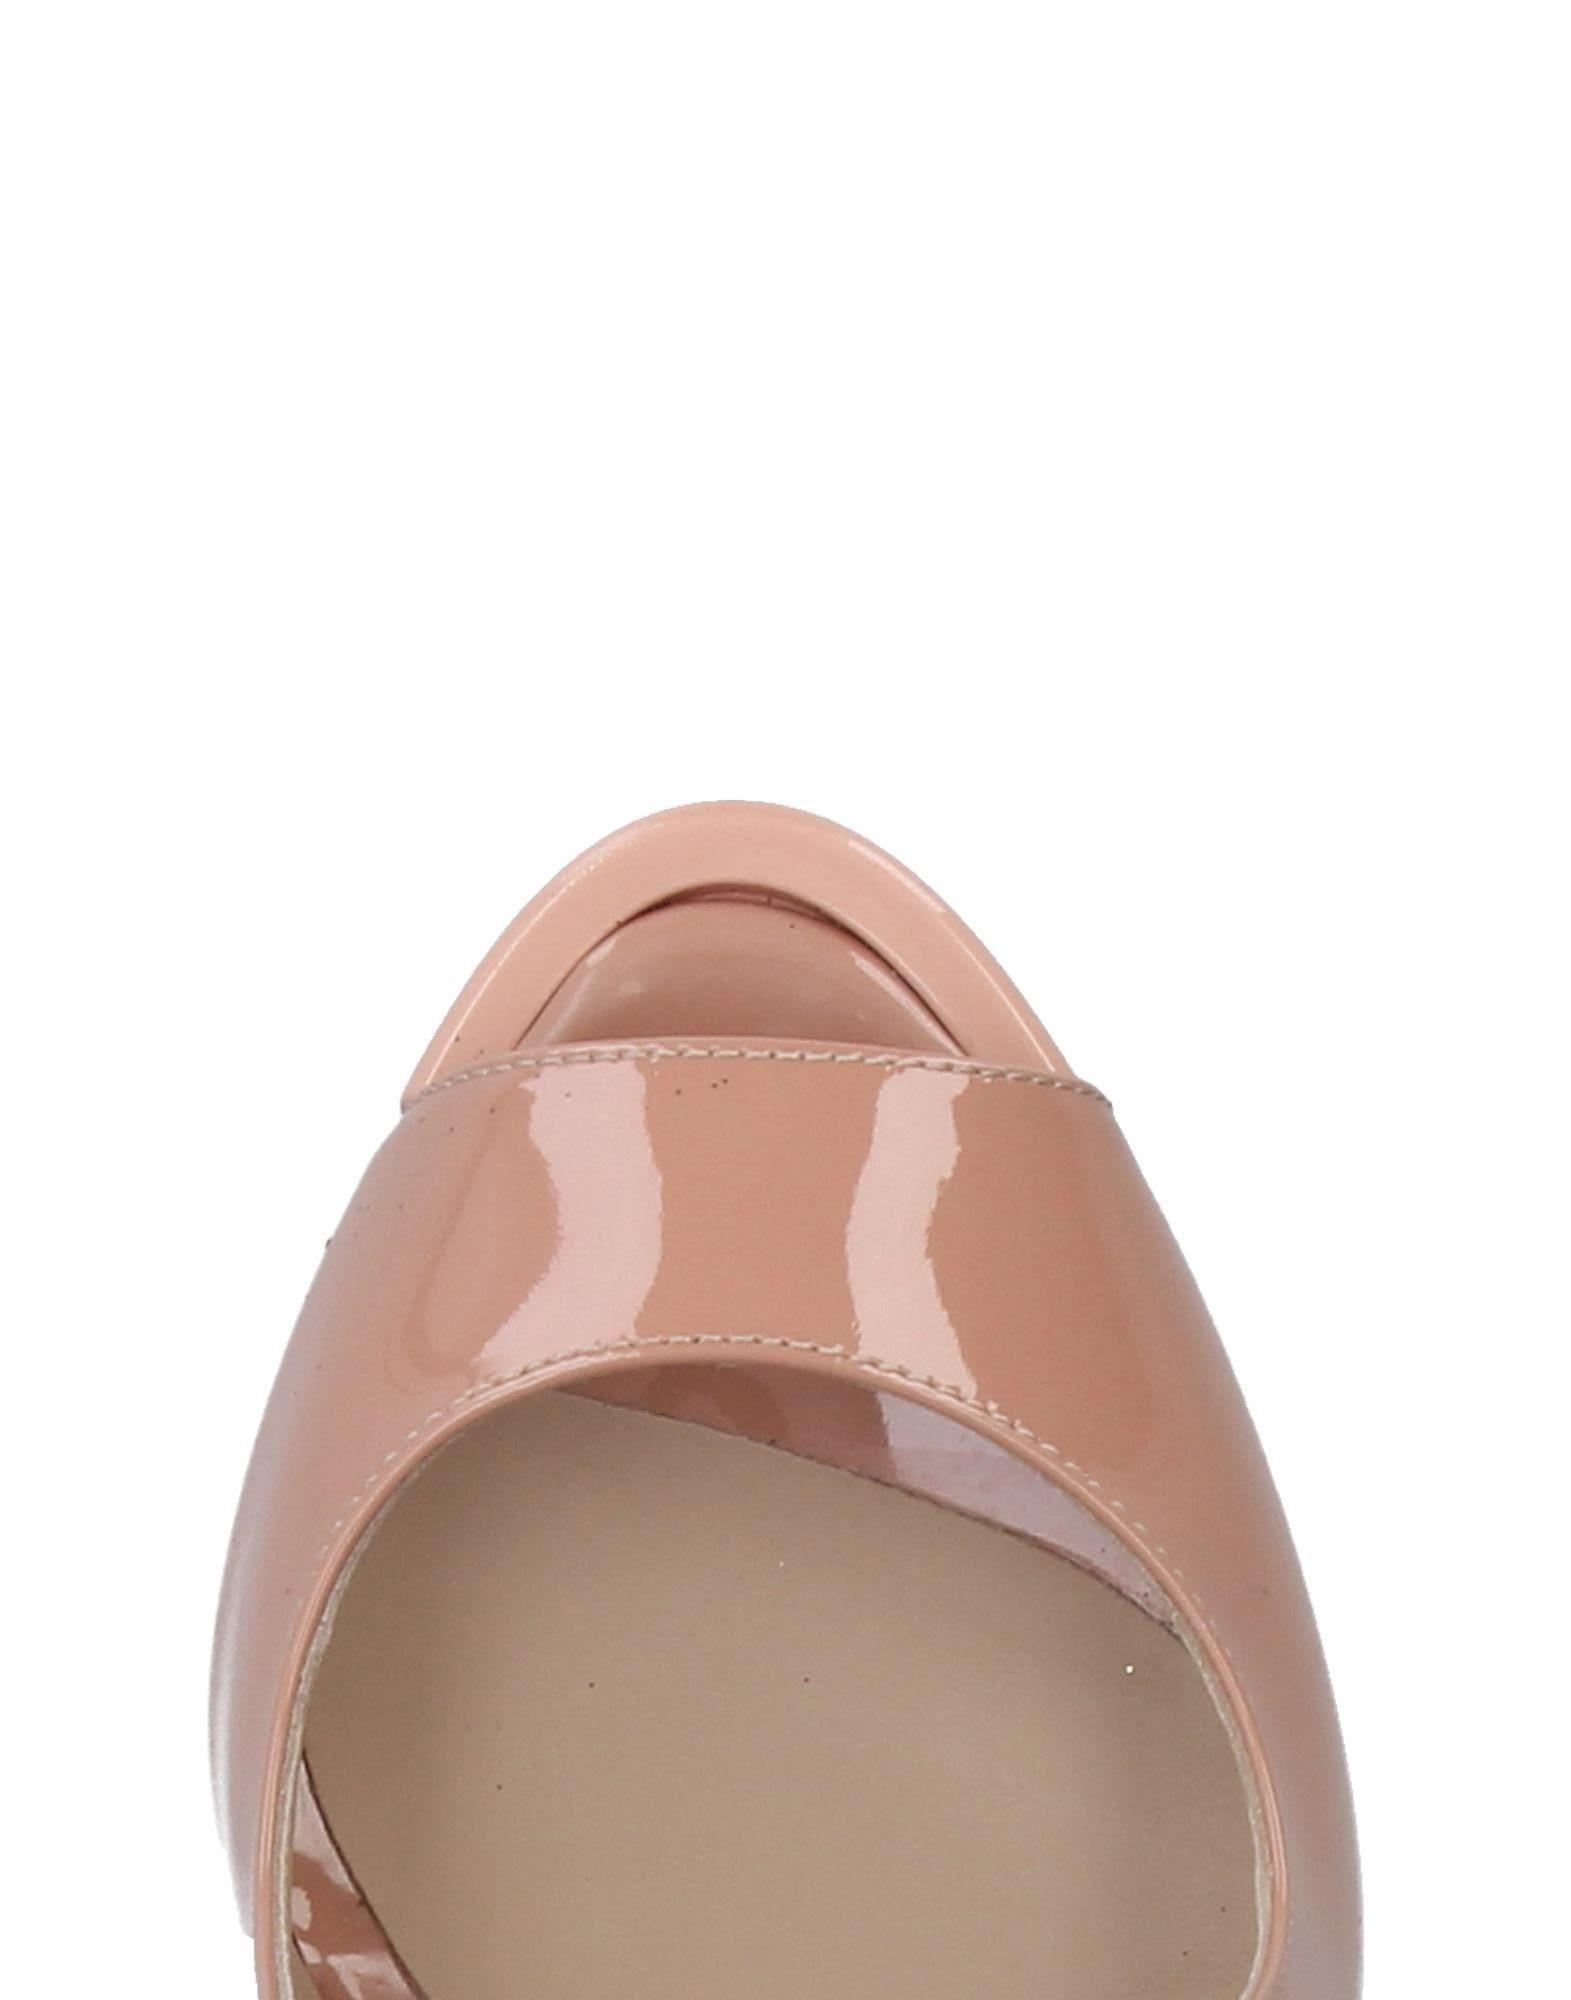 Klassischer Stil-3780,Le Silla es Sandalen Damen Gutes Preis-Leistungs-Verhältnis, es Silla lohnt sich e42390